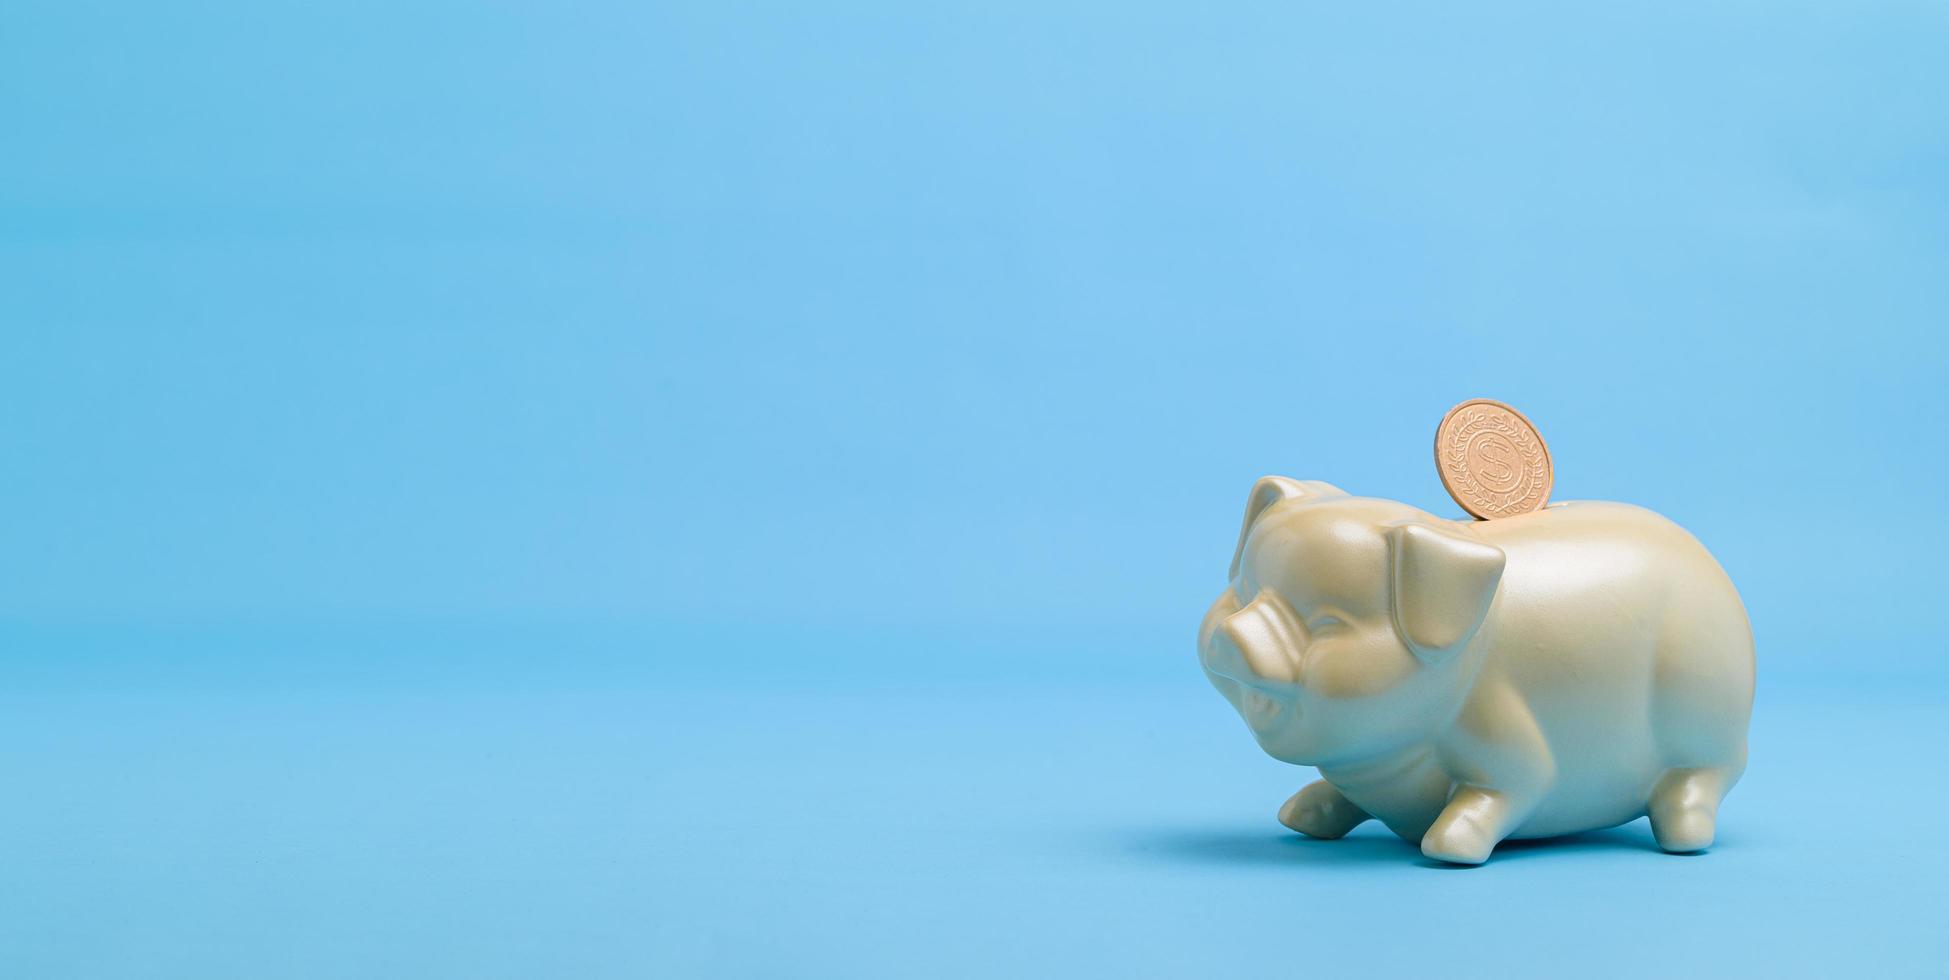 koncept spargris för att spara pengar foto